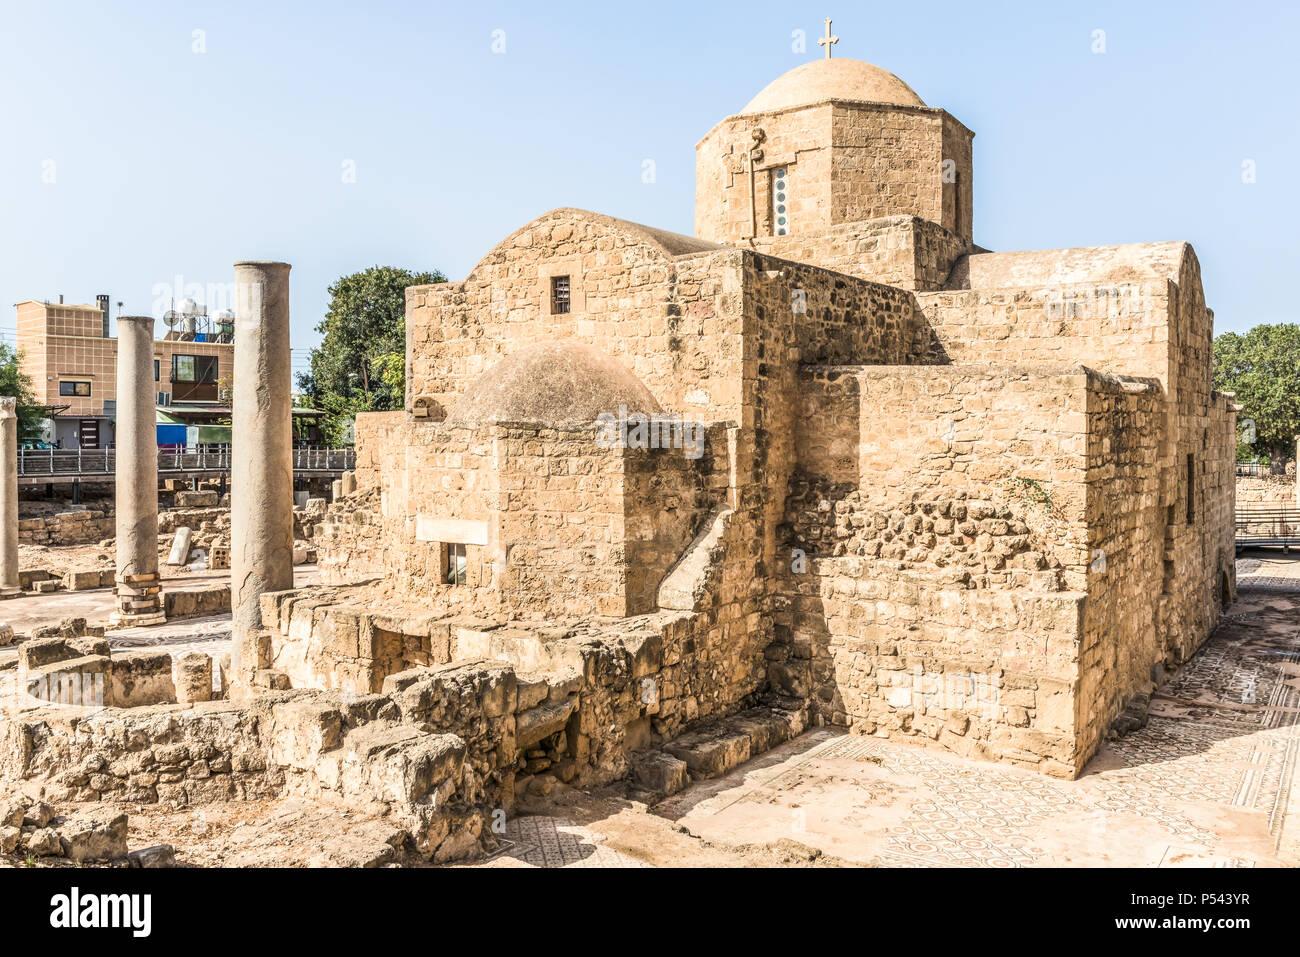 The Panagia Chrysopolitissa (Ayia Kyriaki) church in Paphos, Cyprus - Stock Image